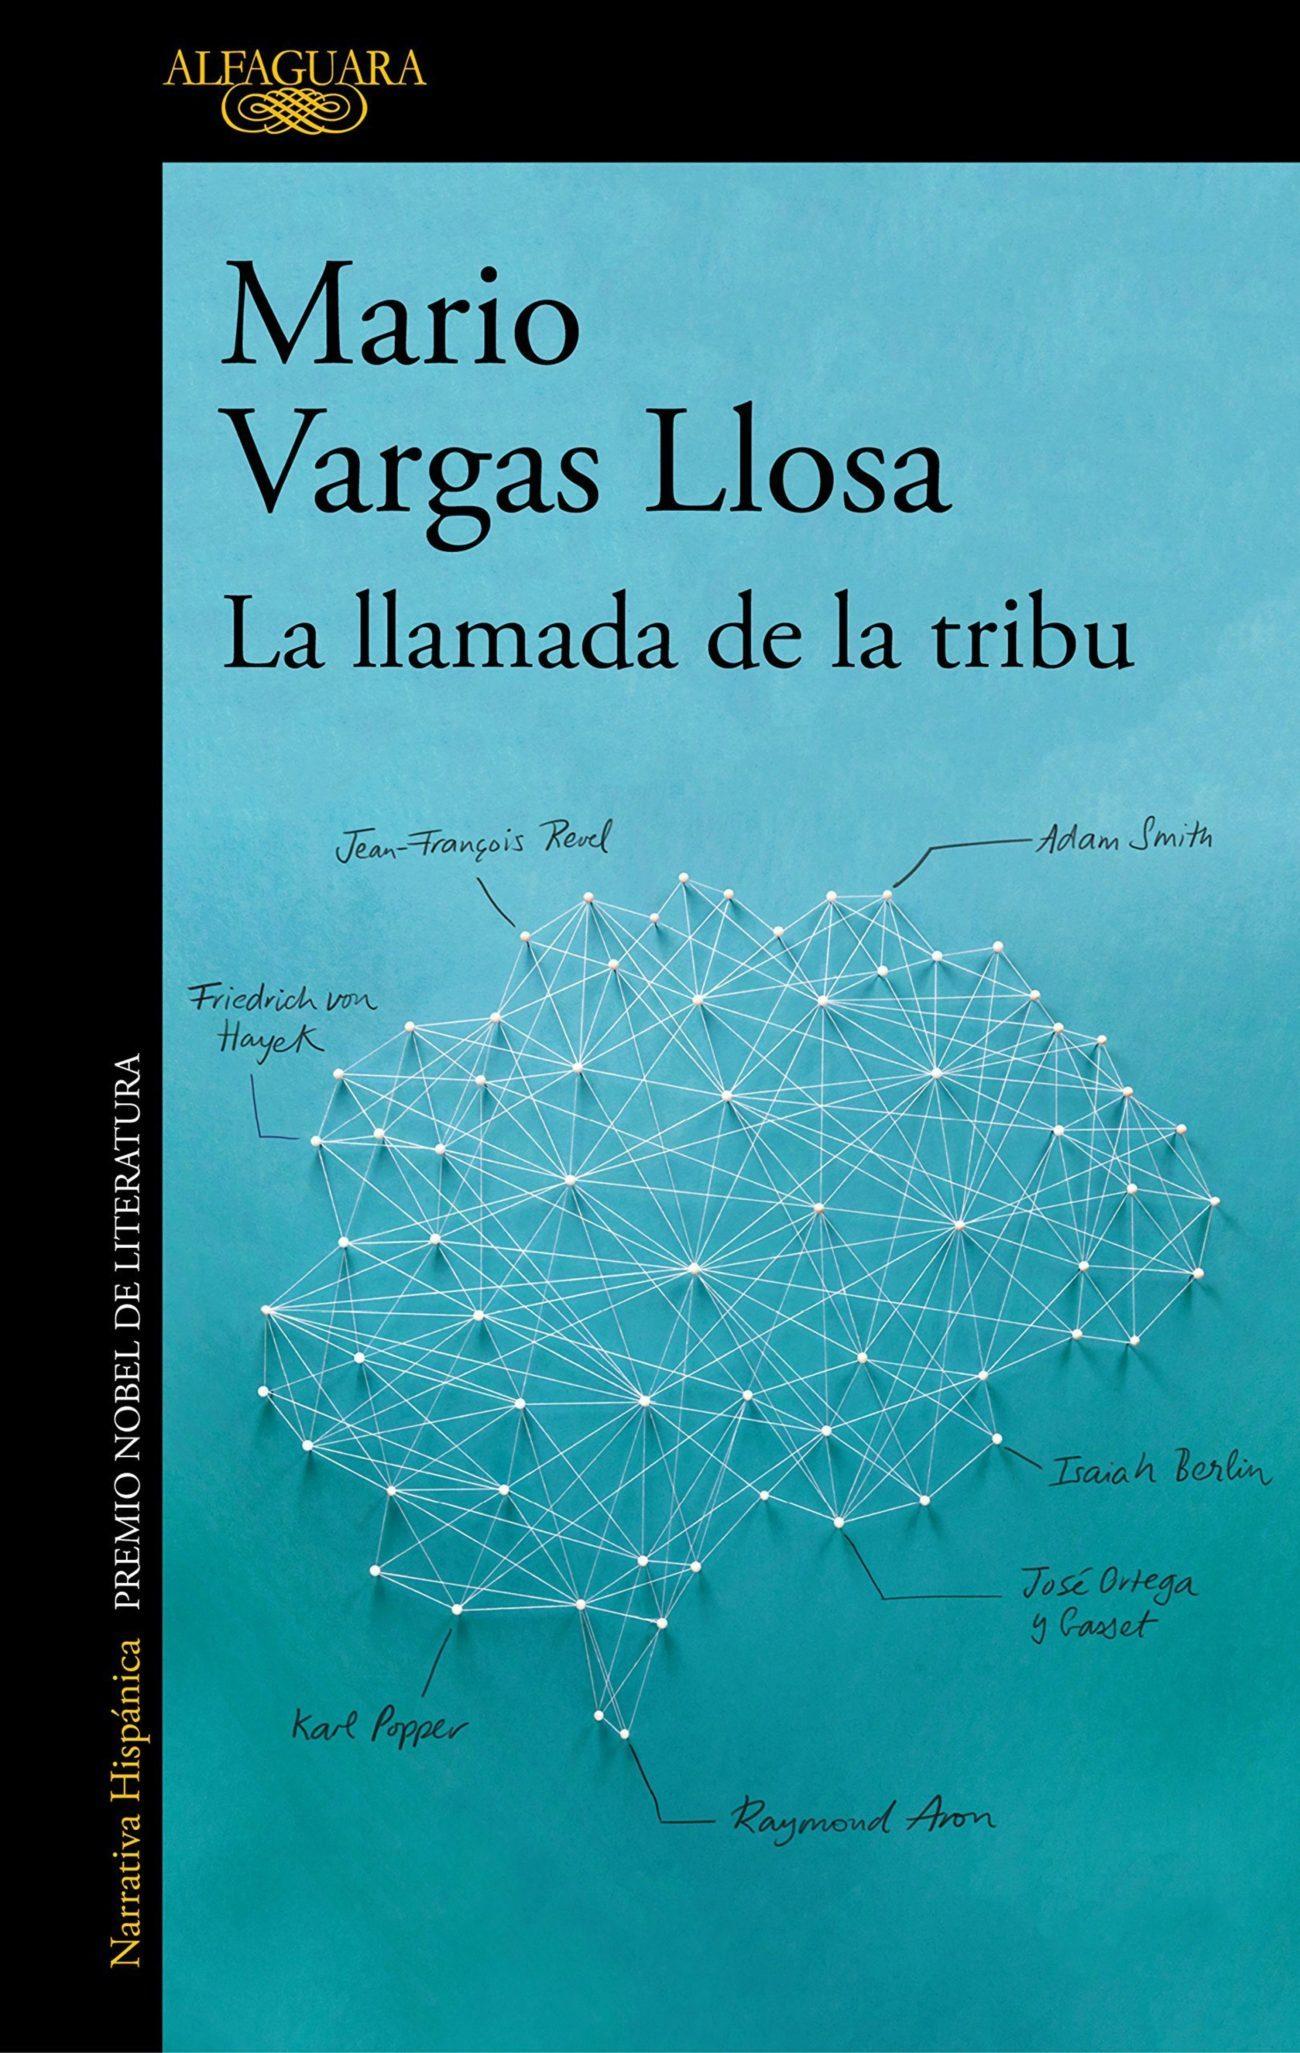 La llamada de la tribu, el último libro de Mario Vargas Llosa.